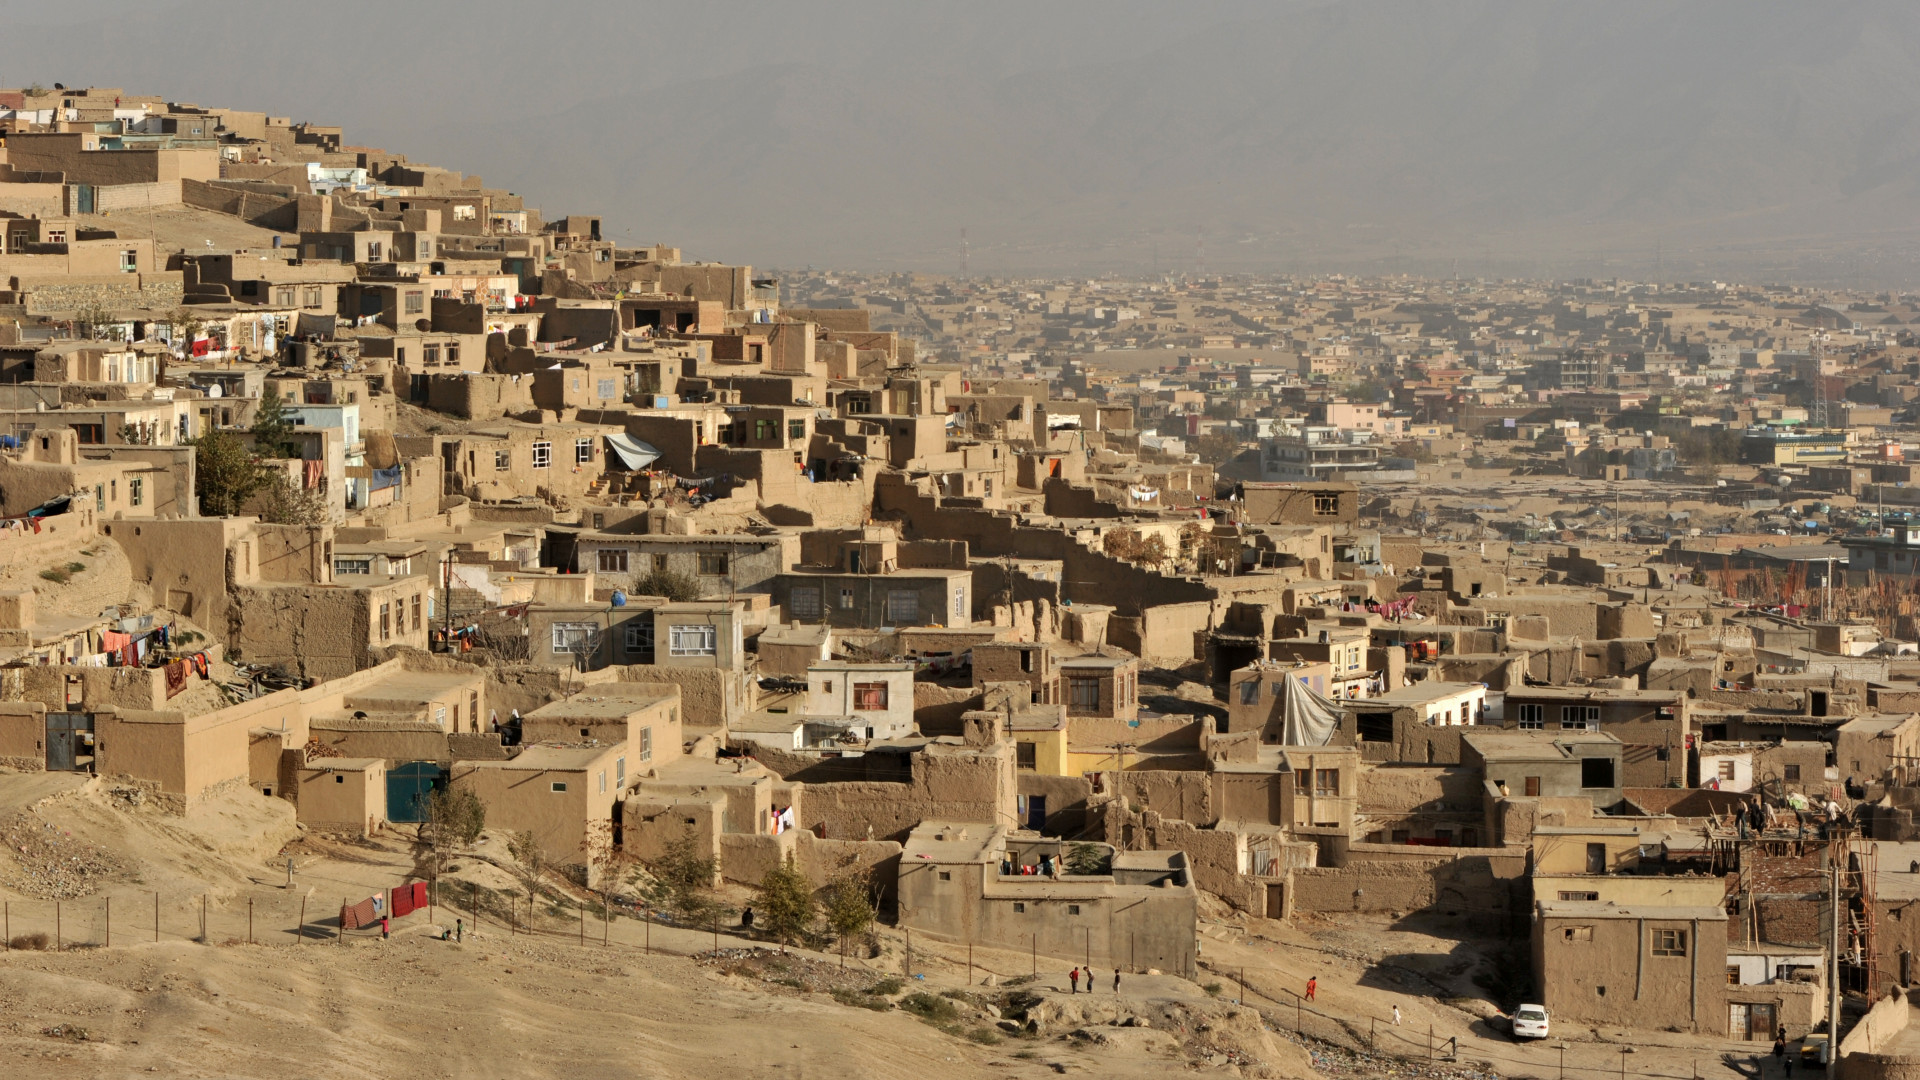 Súlyos a helyzet Afganisztánban, kiürítik az egyik legnagyobb várost